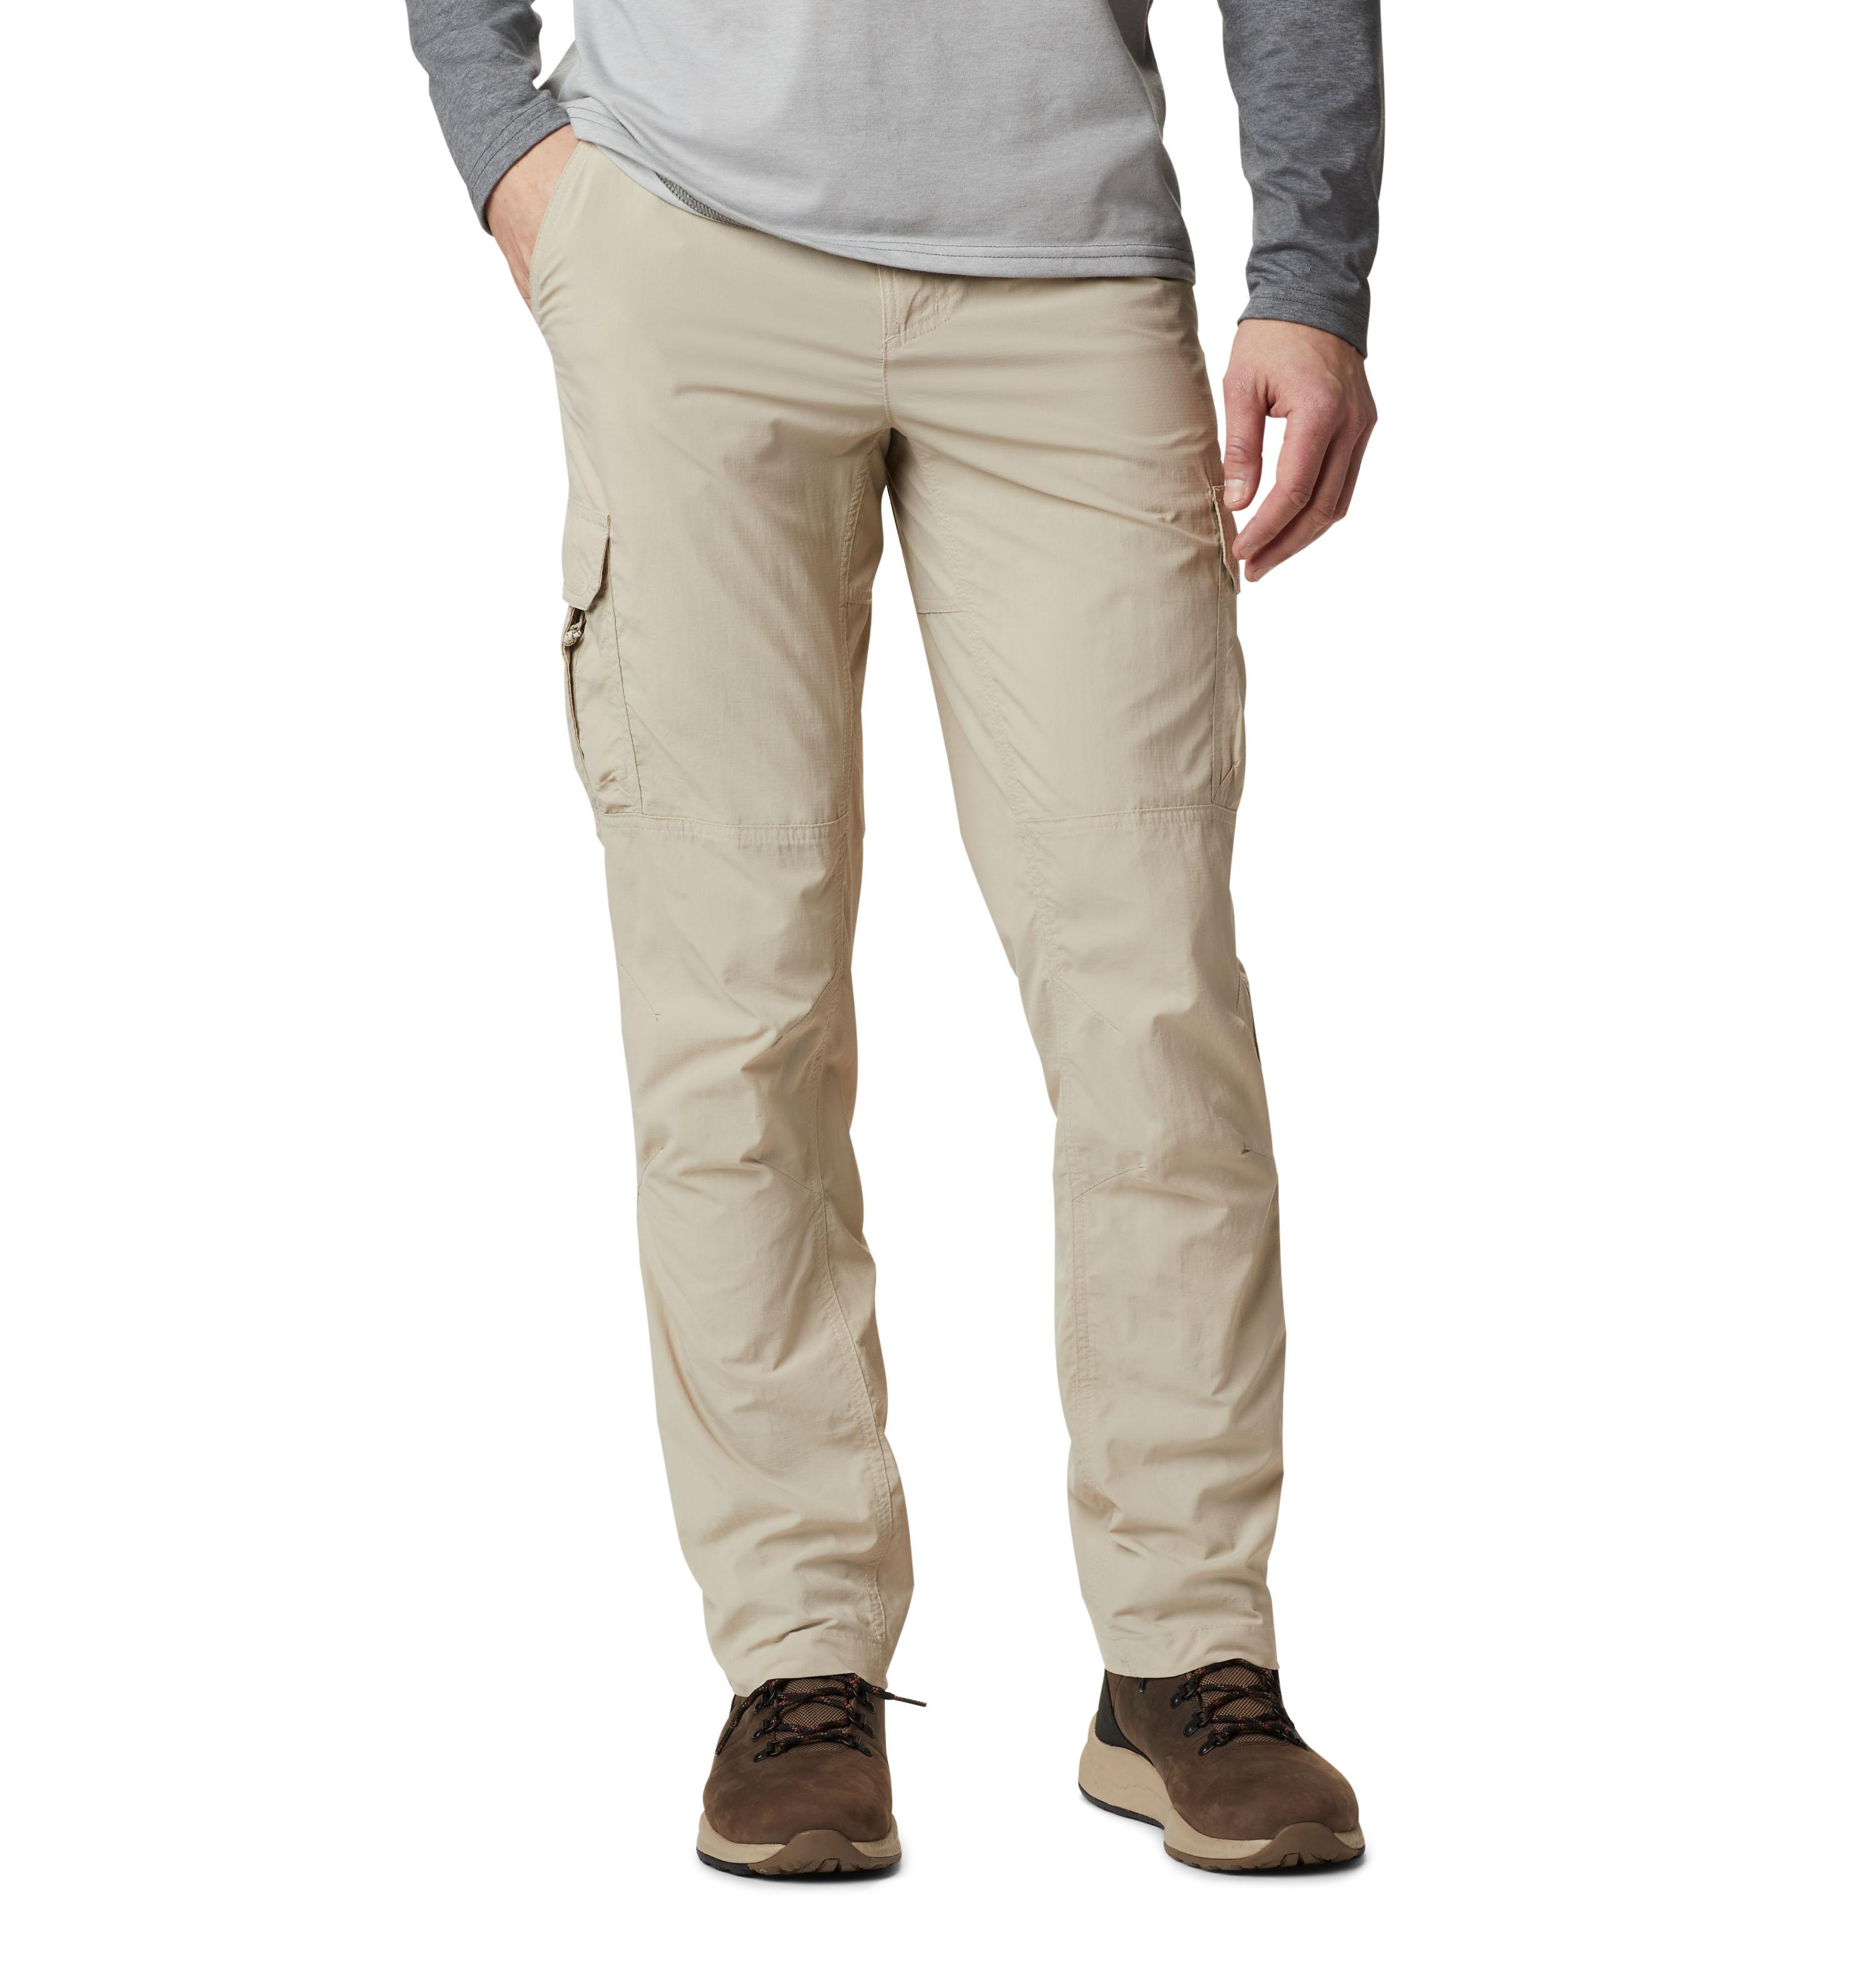 Columbia Pantalones Silver Ridge II Cargo beige / Omni-Wick / Omni-Shade /